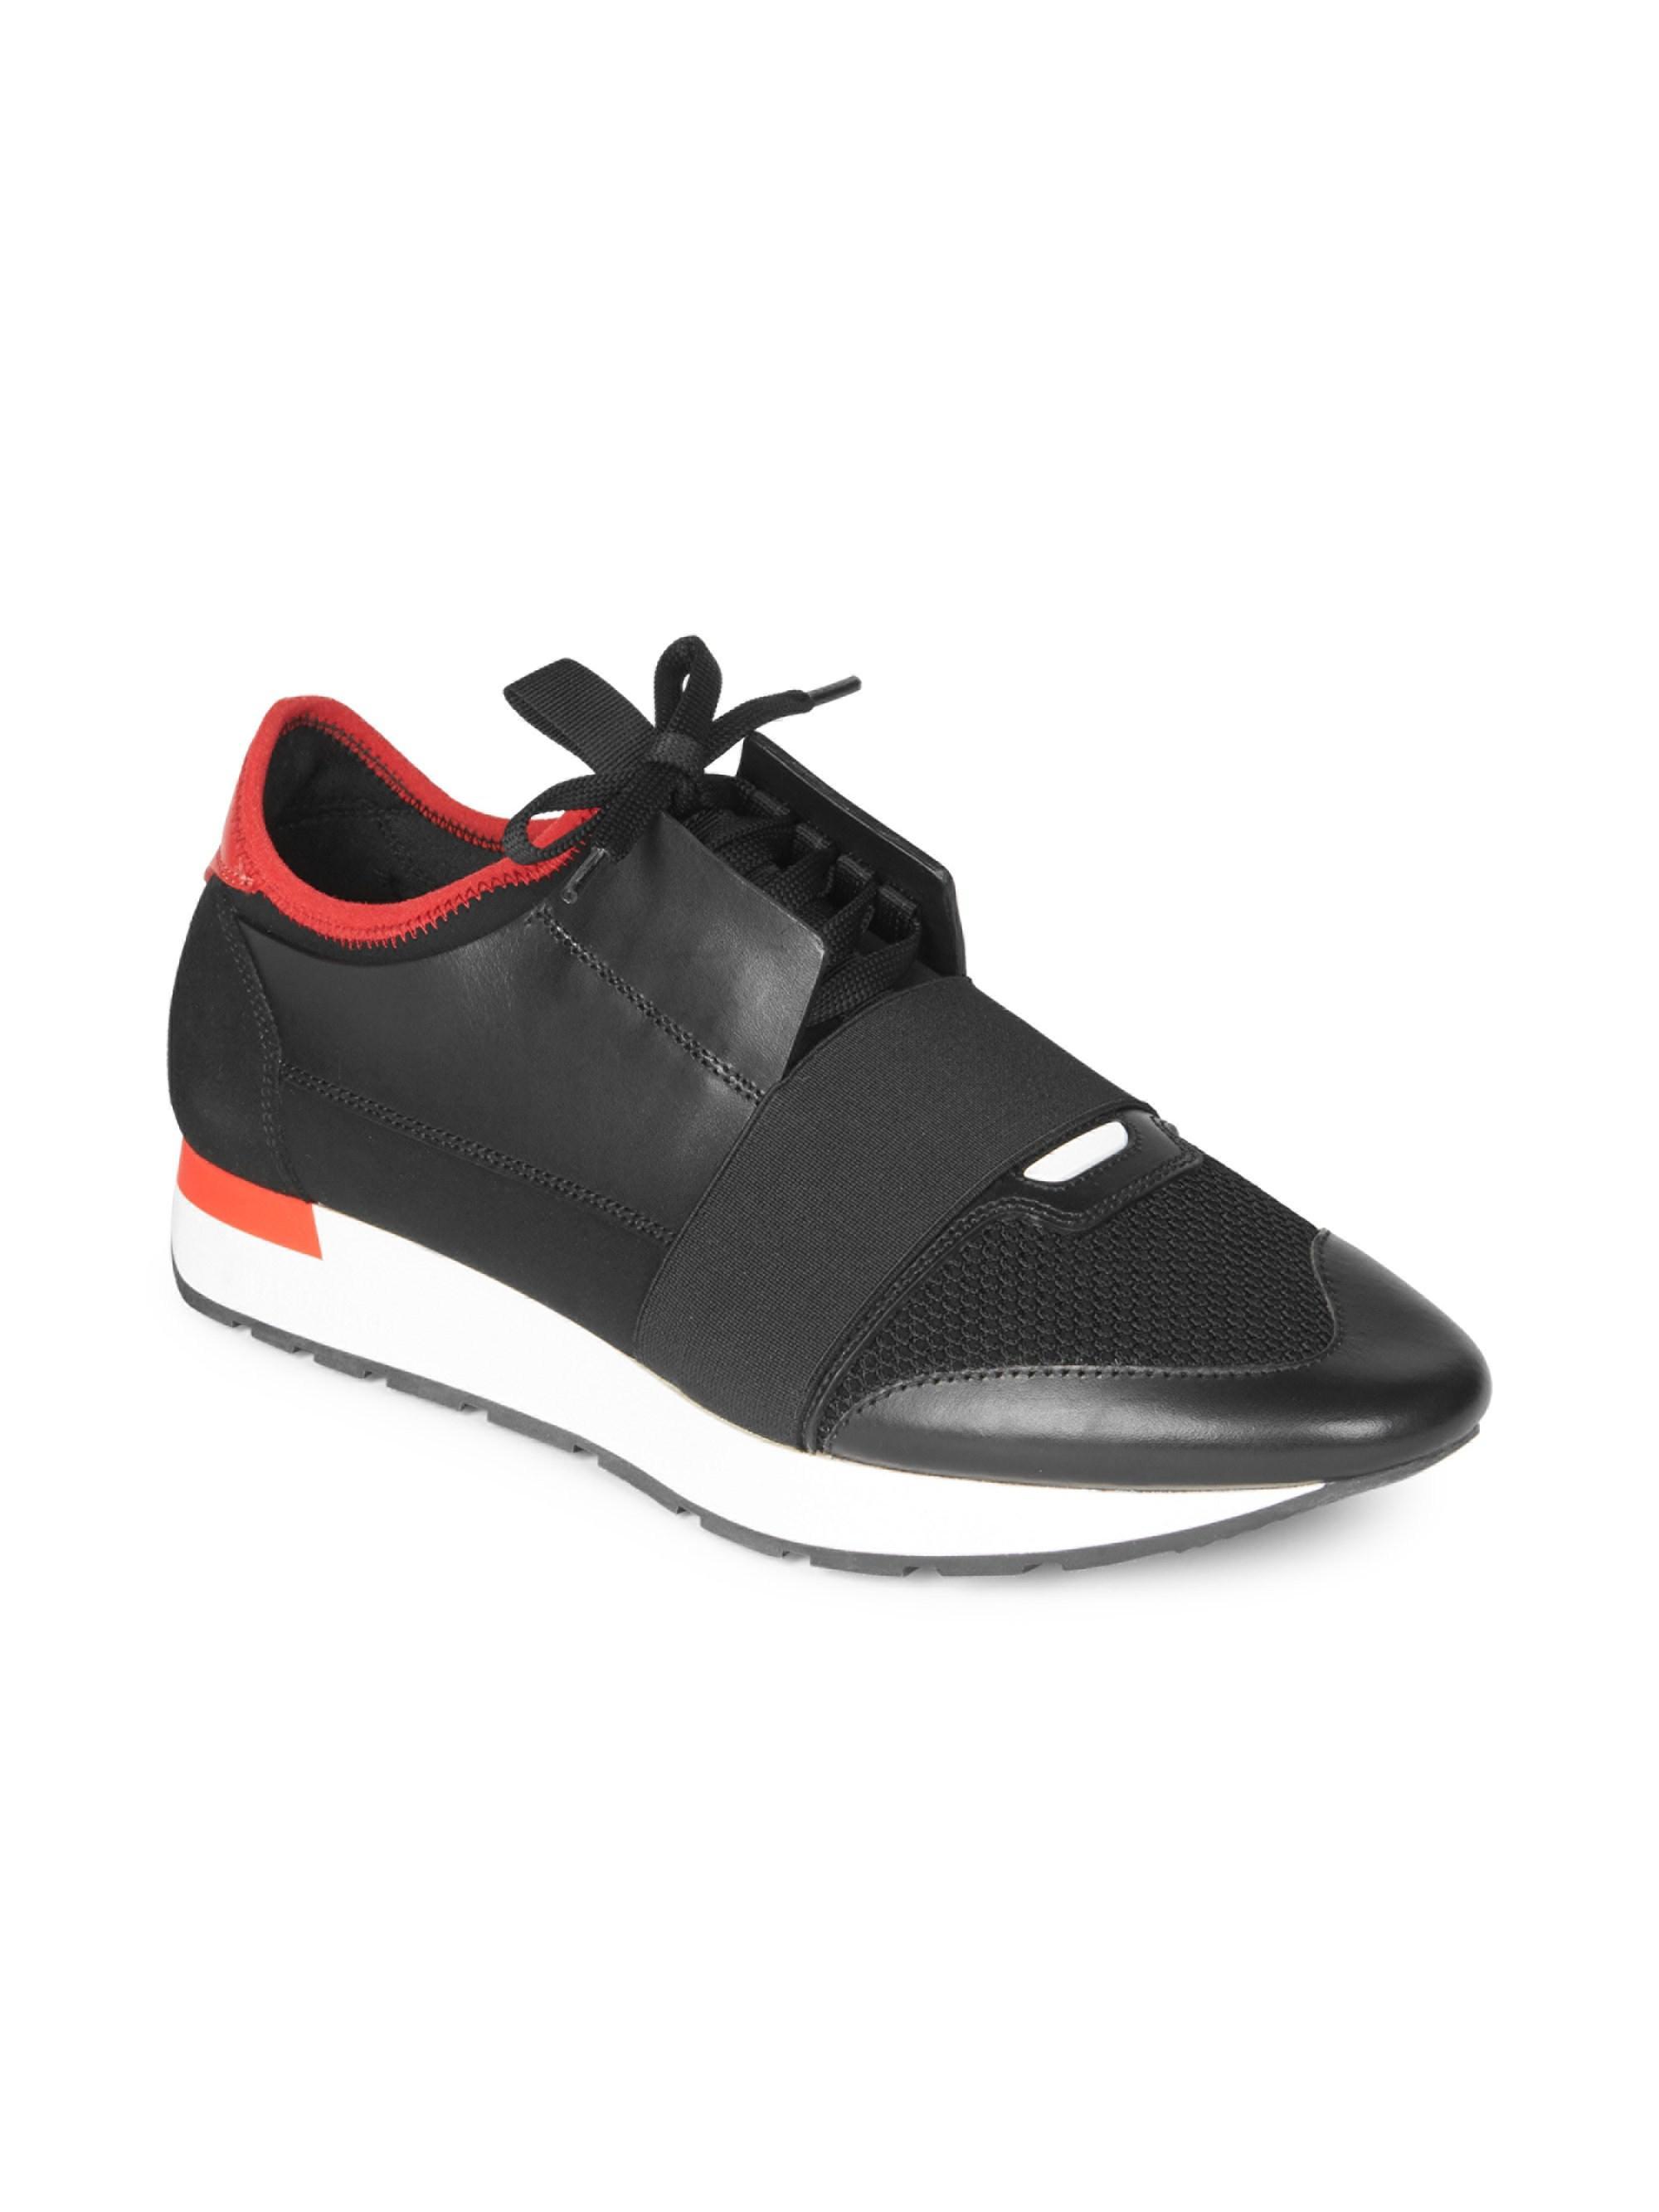 Race Runner Sneakers - Argent Nero